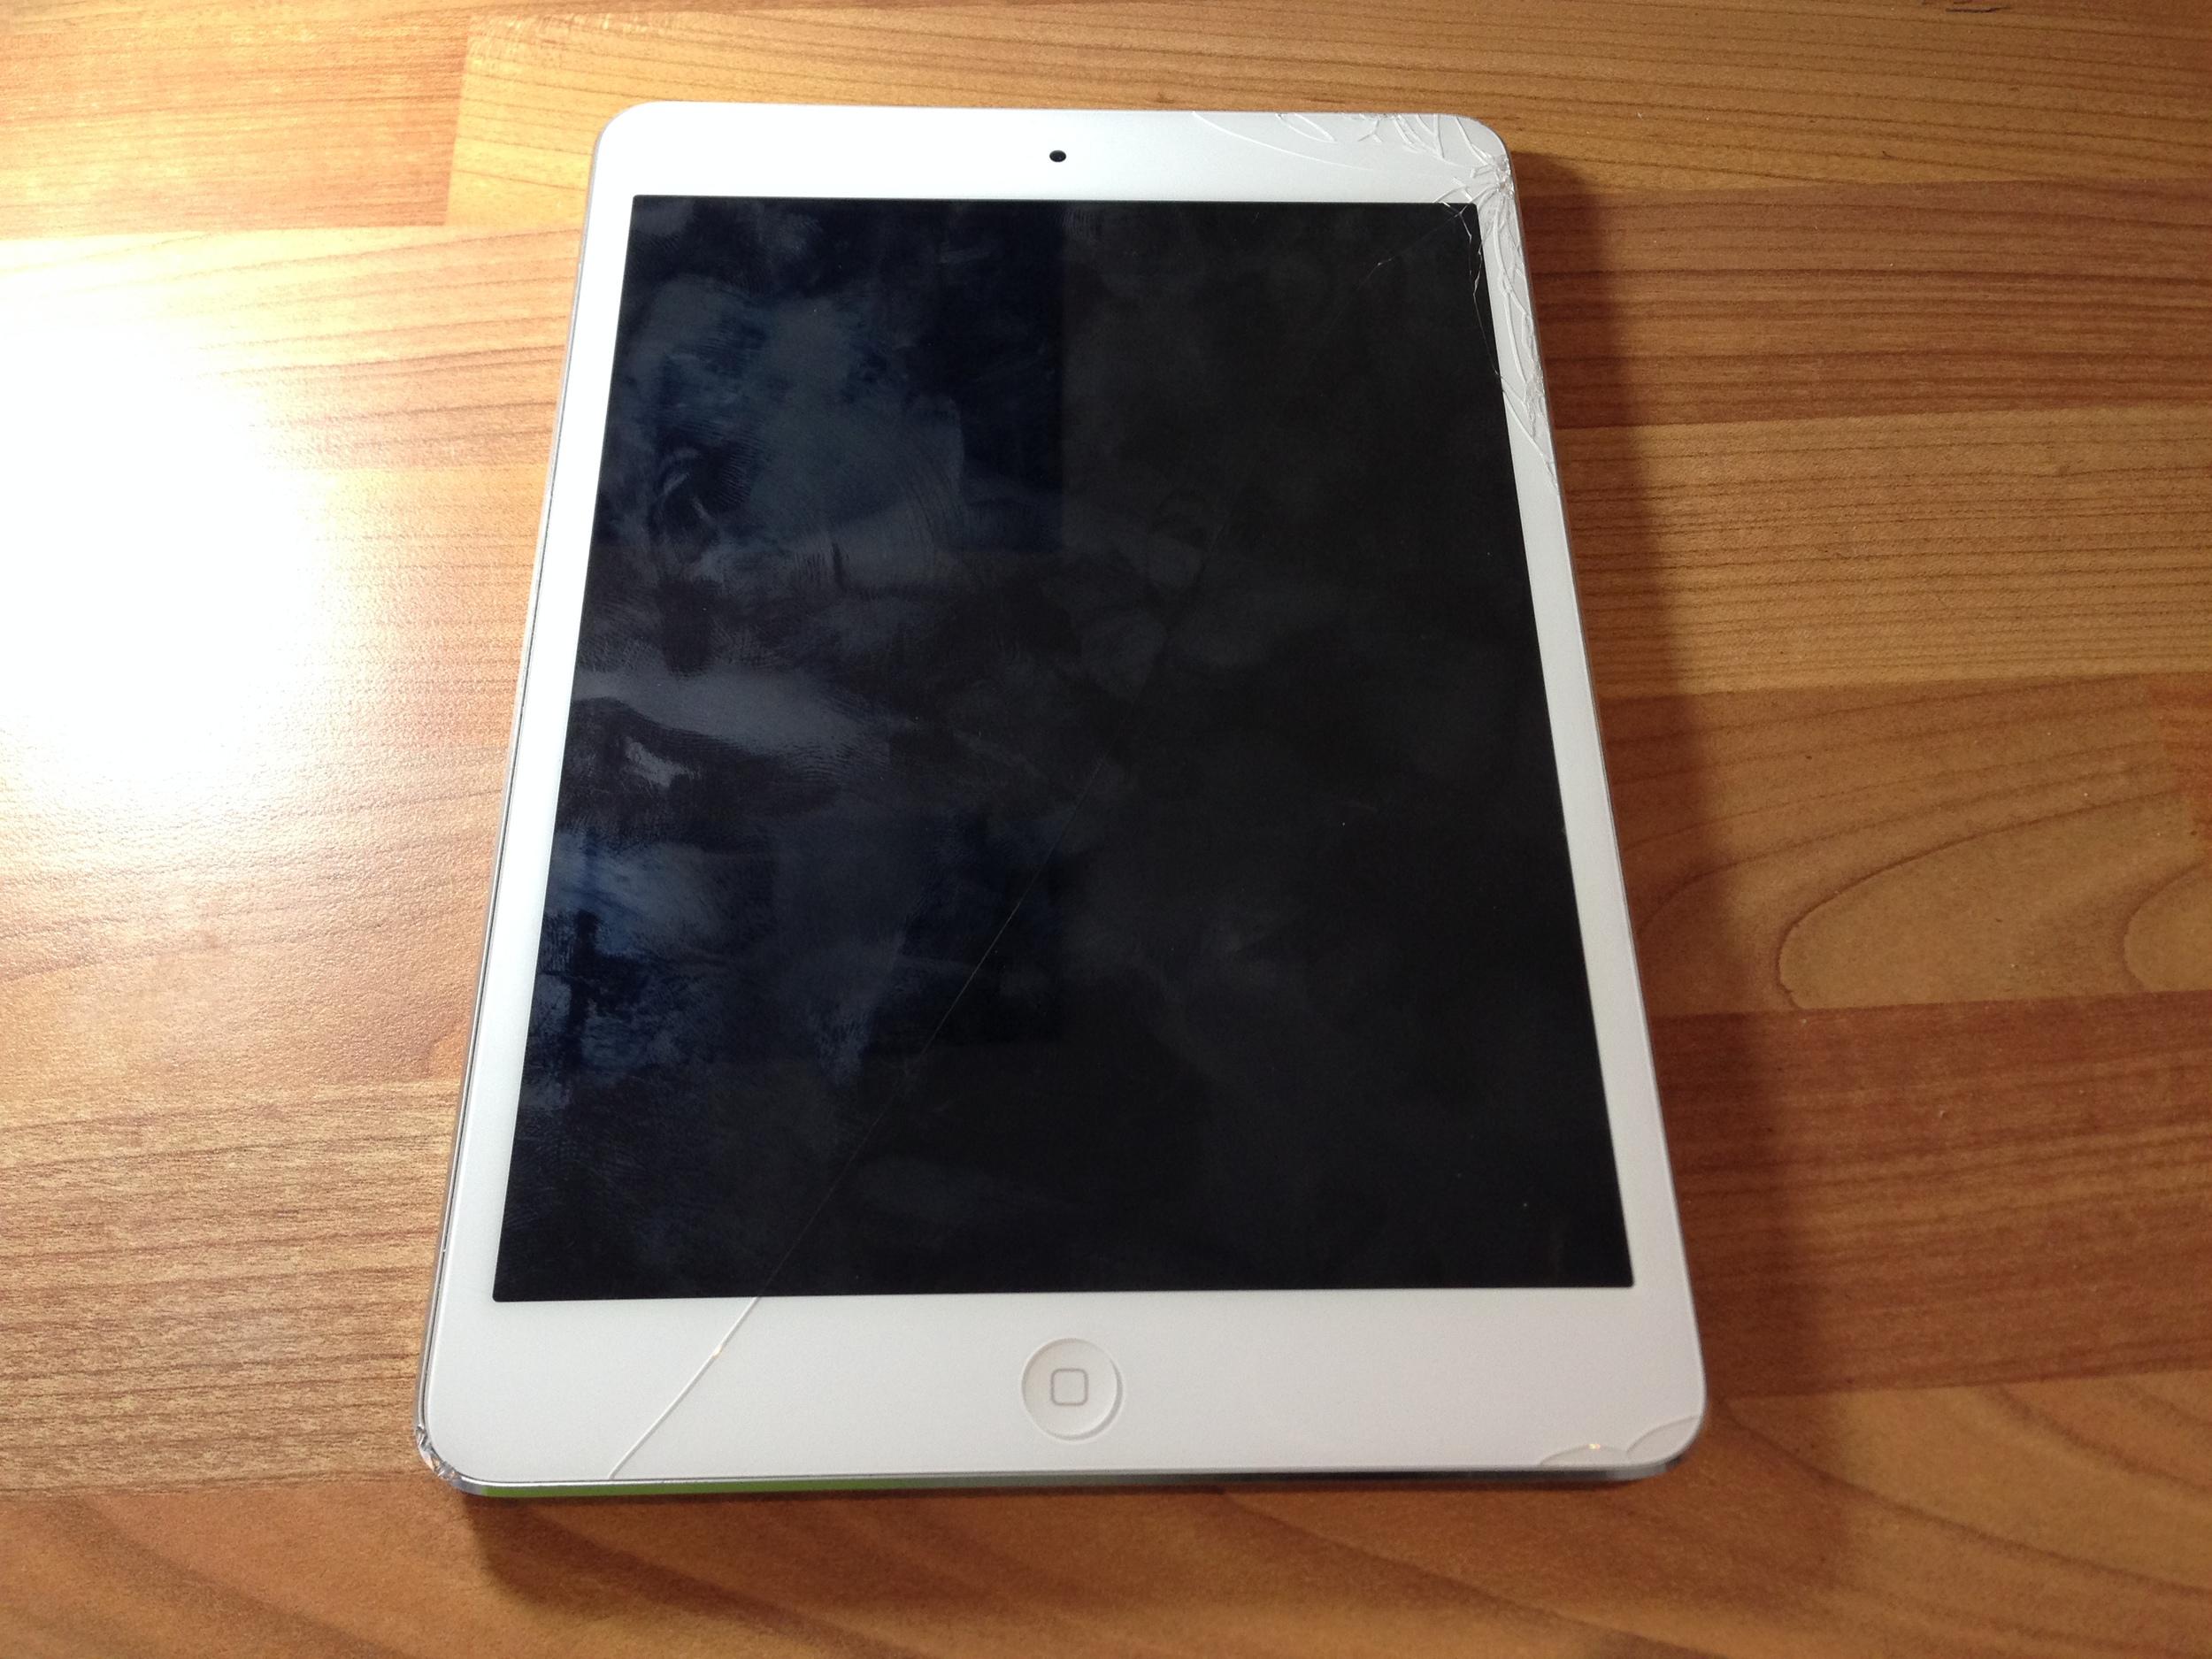 iPad Mini Touch Screen Repair